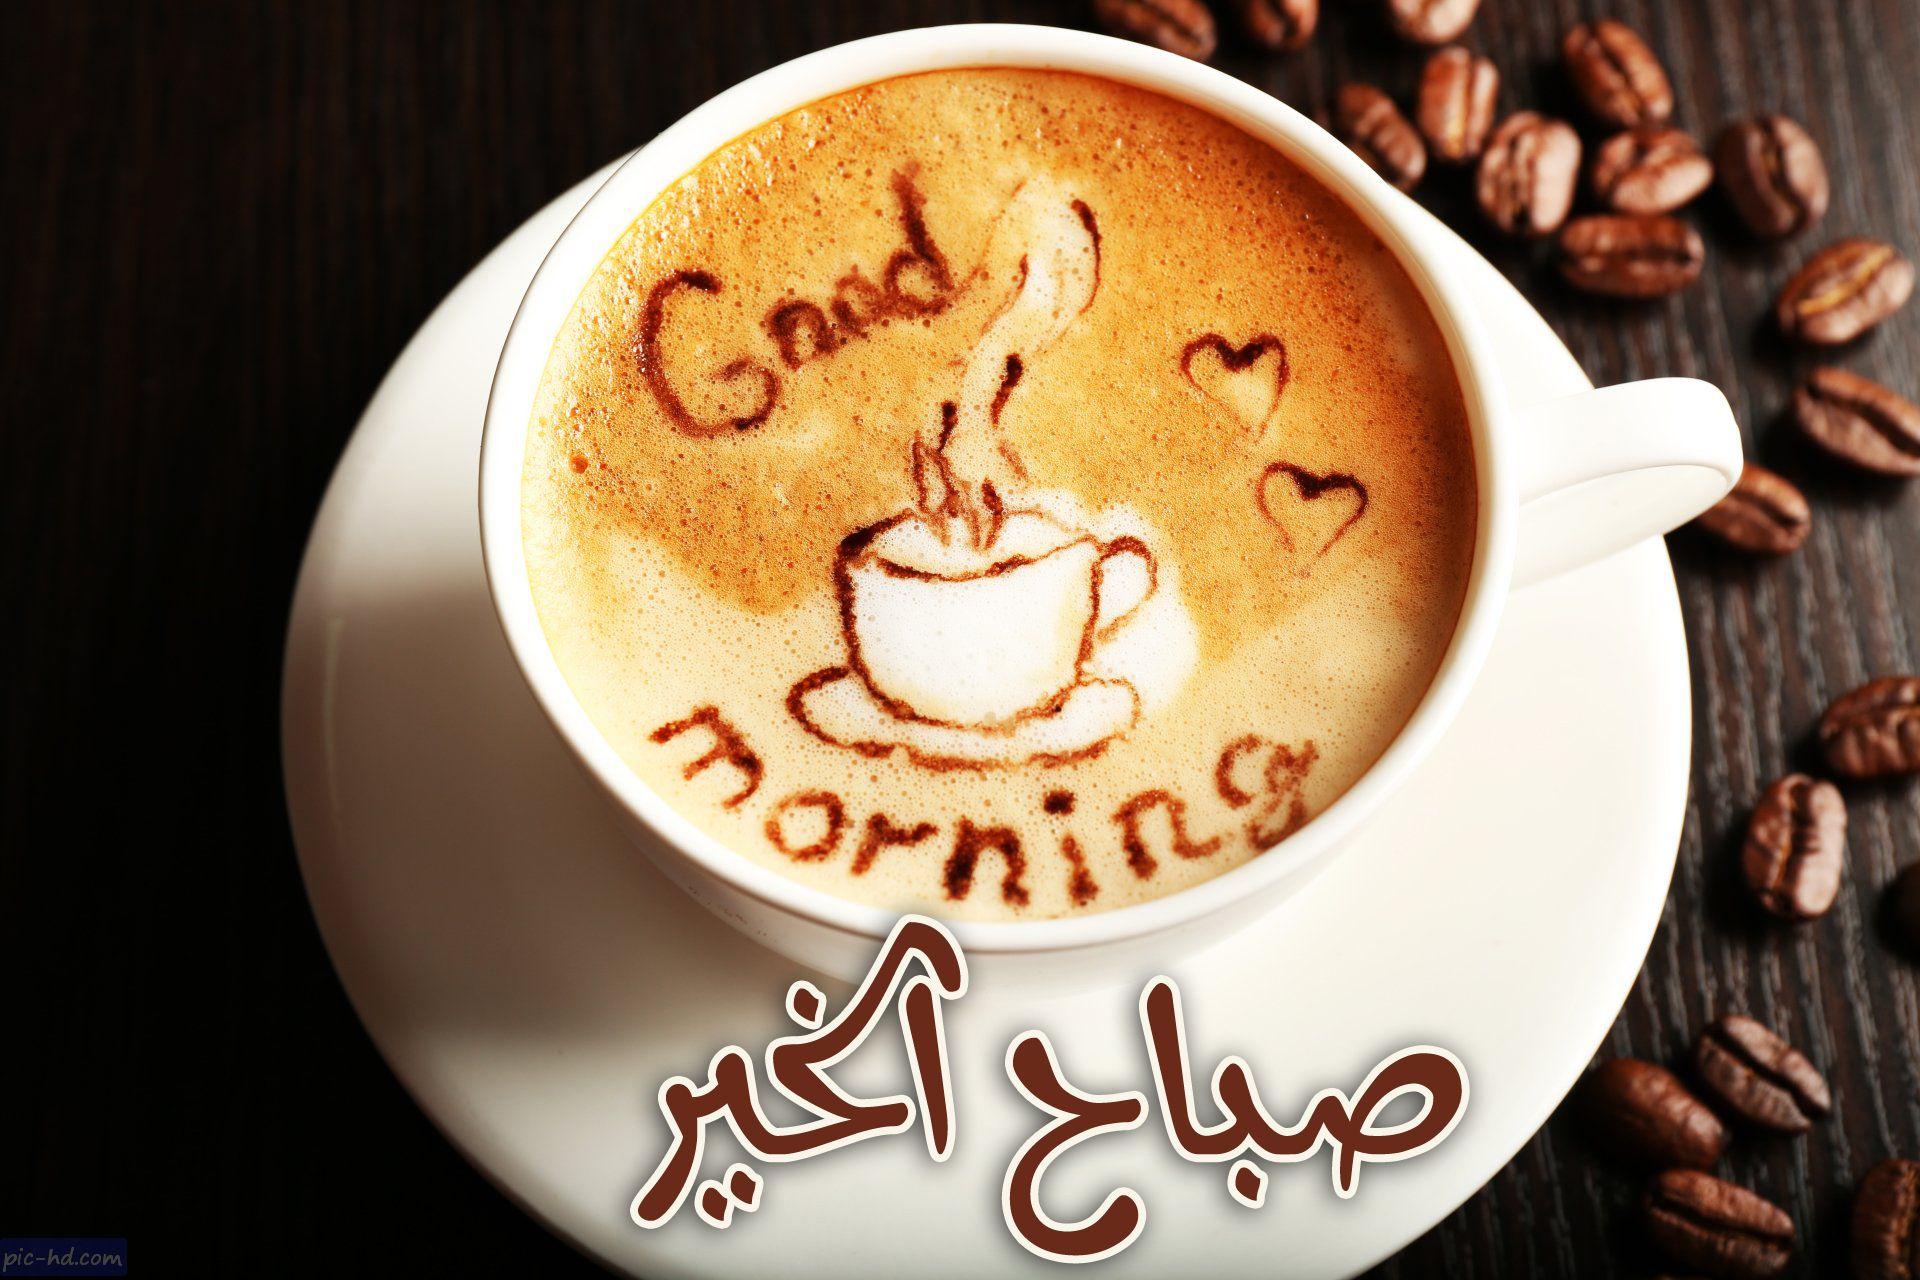 صور قهوة مكتوب عليها صباح الخير صور قهوة صباحية Good Morning Coffee Good Morning Coffee Images Morning Coffee Images